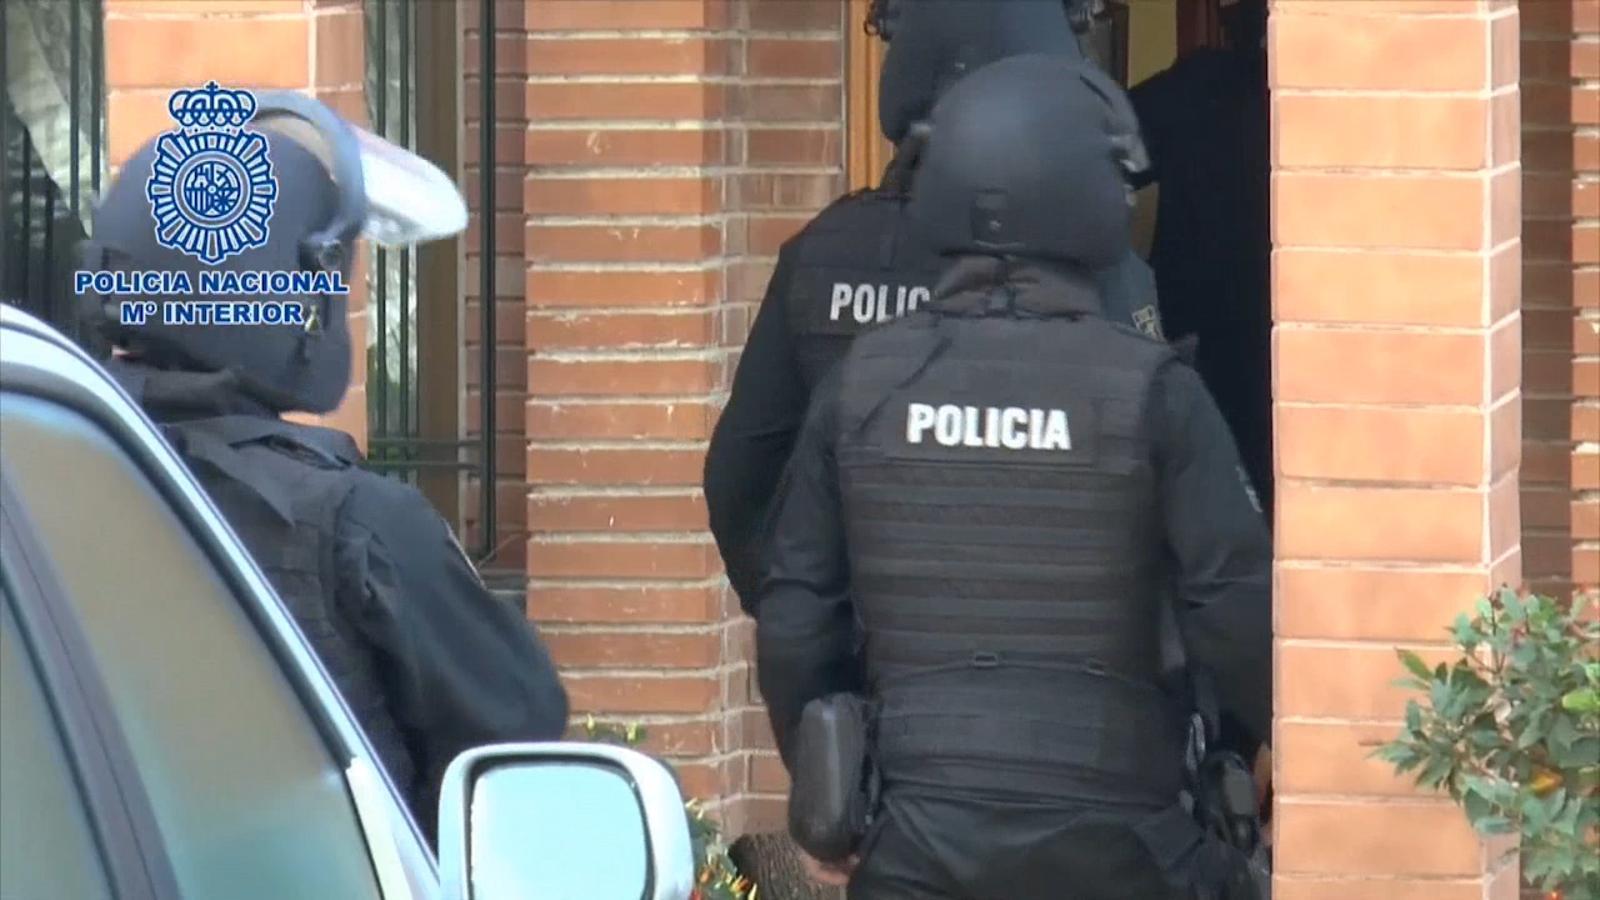 Dos detinguts al País Valencià per difondre l'ideari del Daeix i Al-Qaida